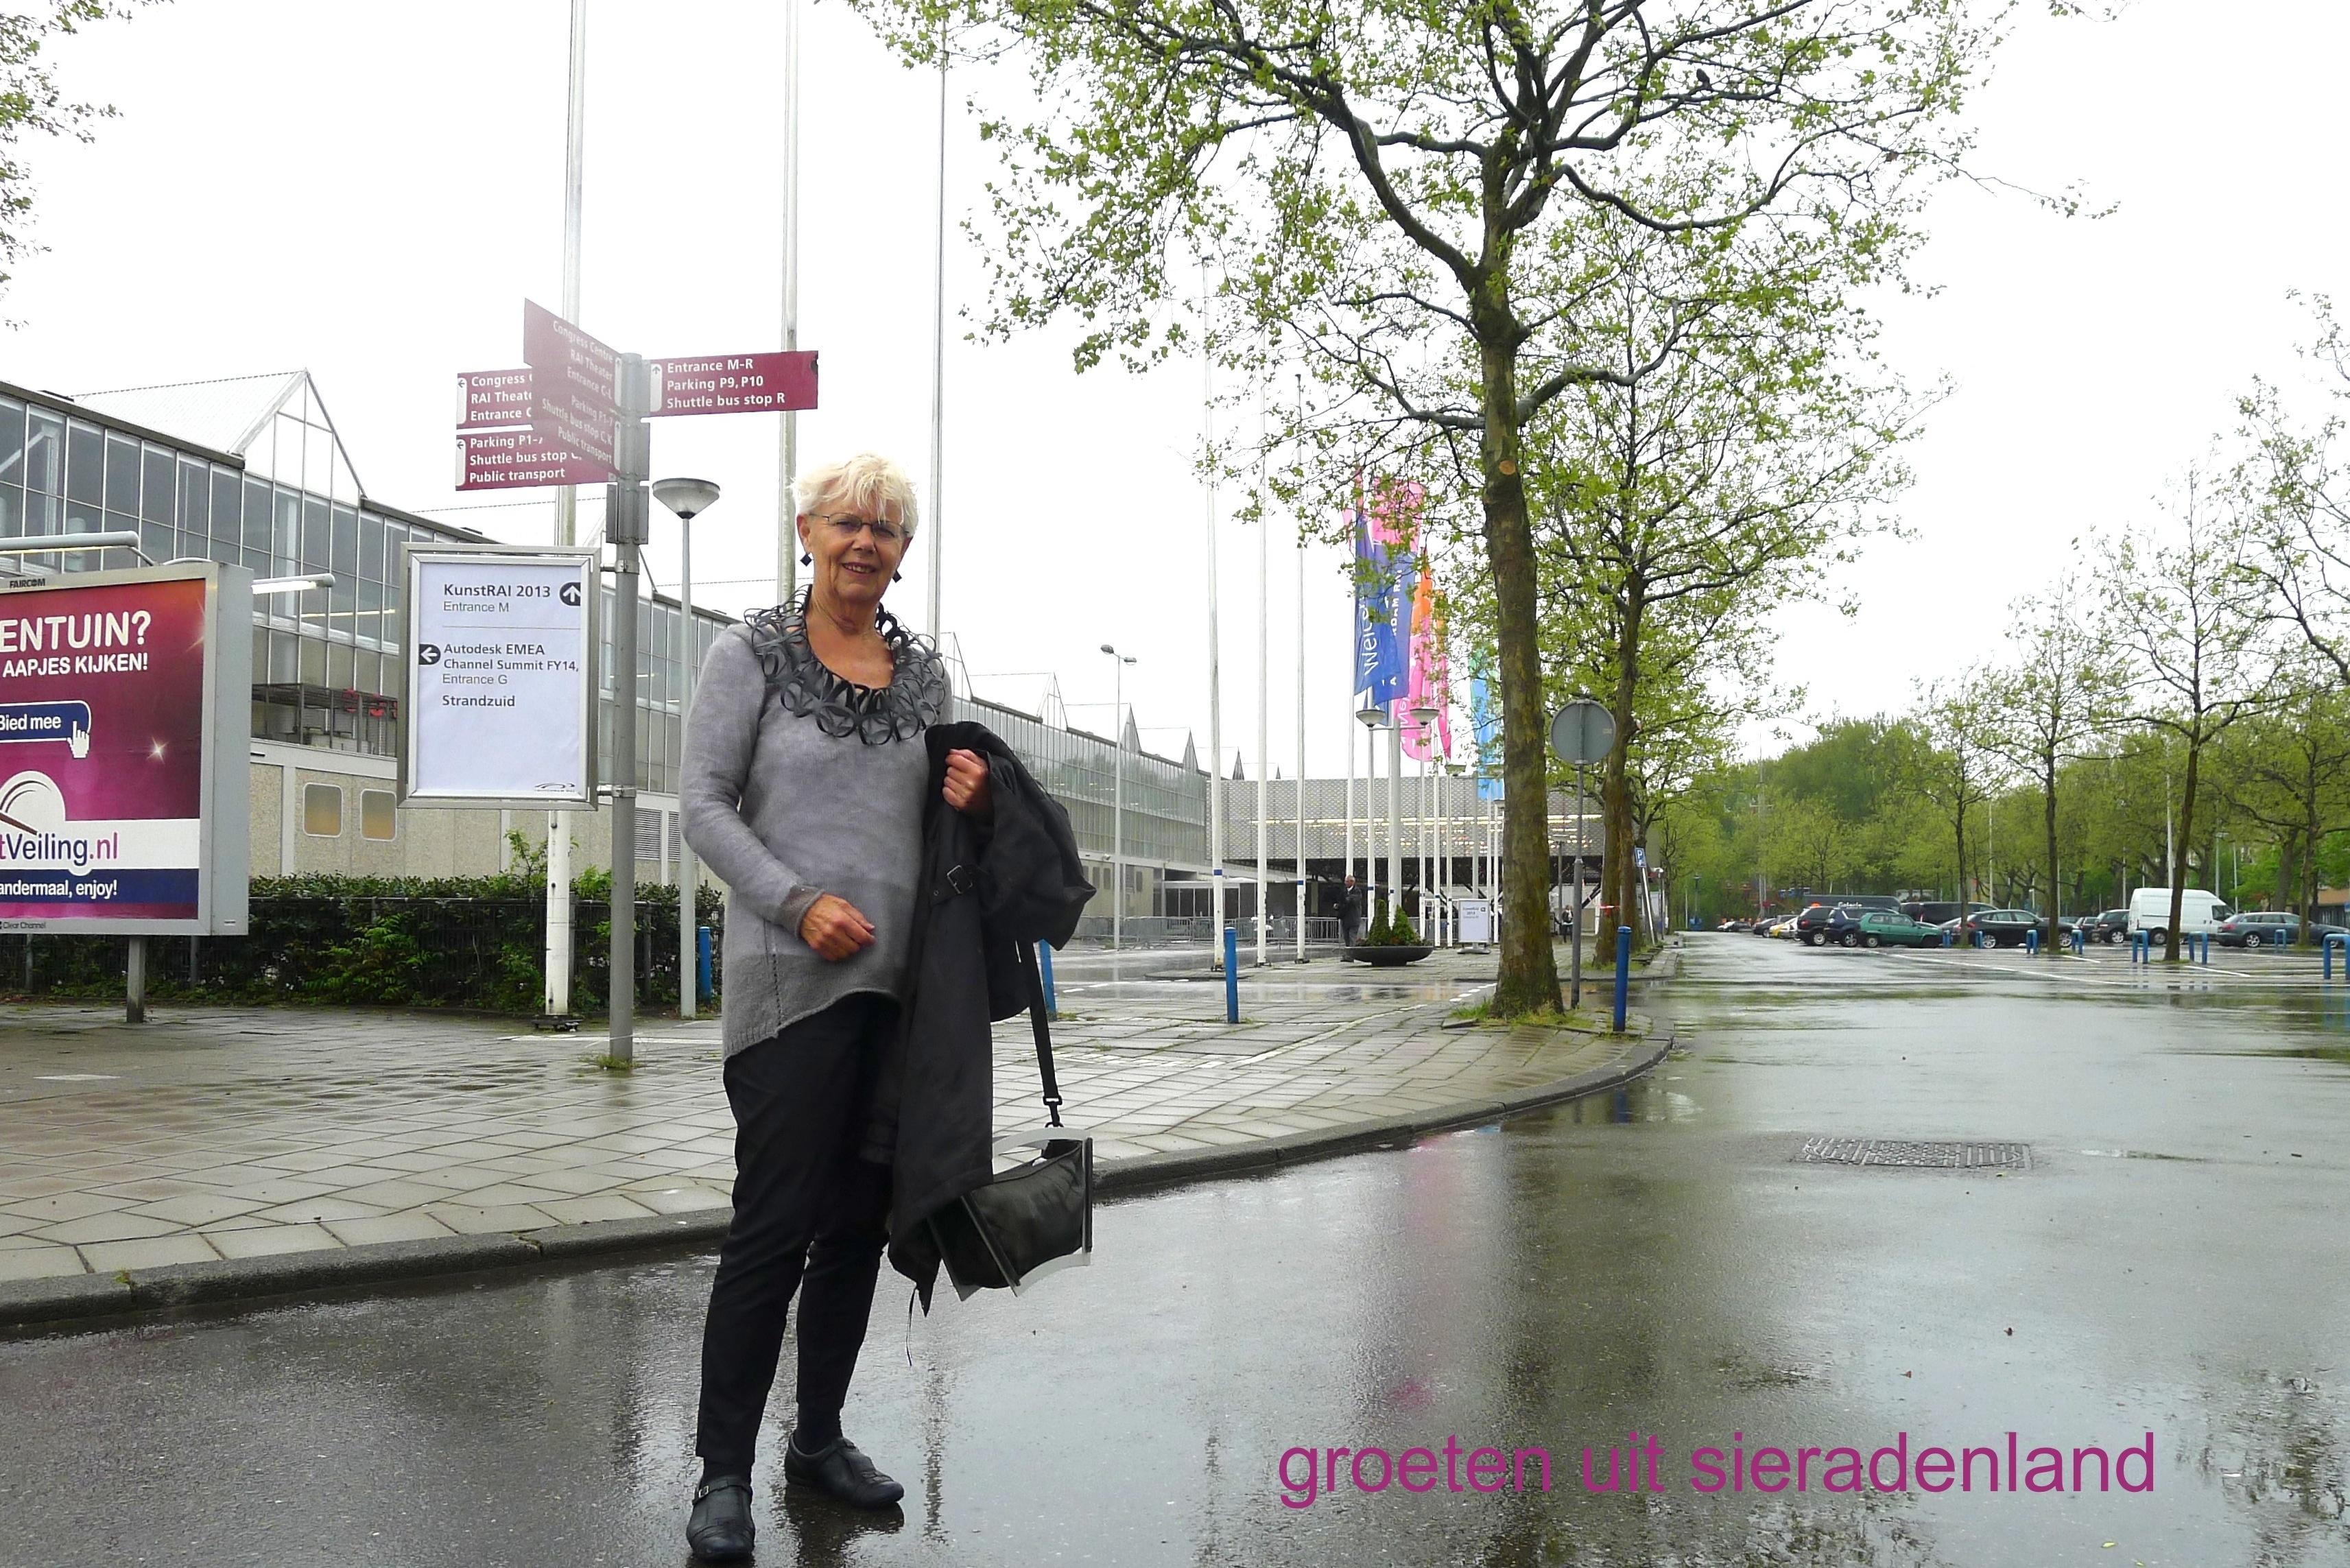 Claartje Keur, Zelfportret met halssieraad van Thea Tolsma, Amsterdam, RAI, 16 mei 2013 Foto Claartje Keur